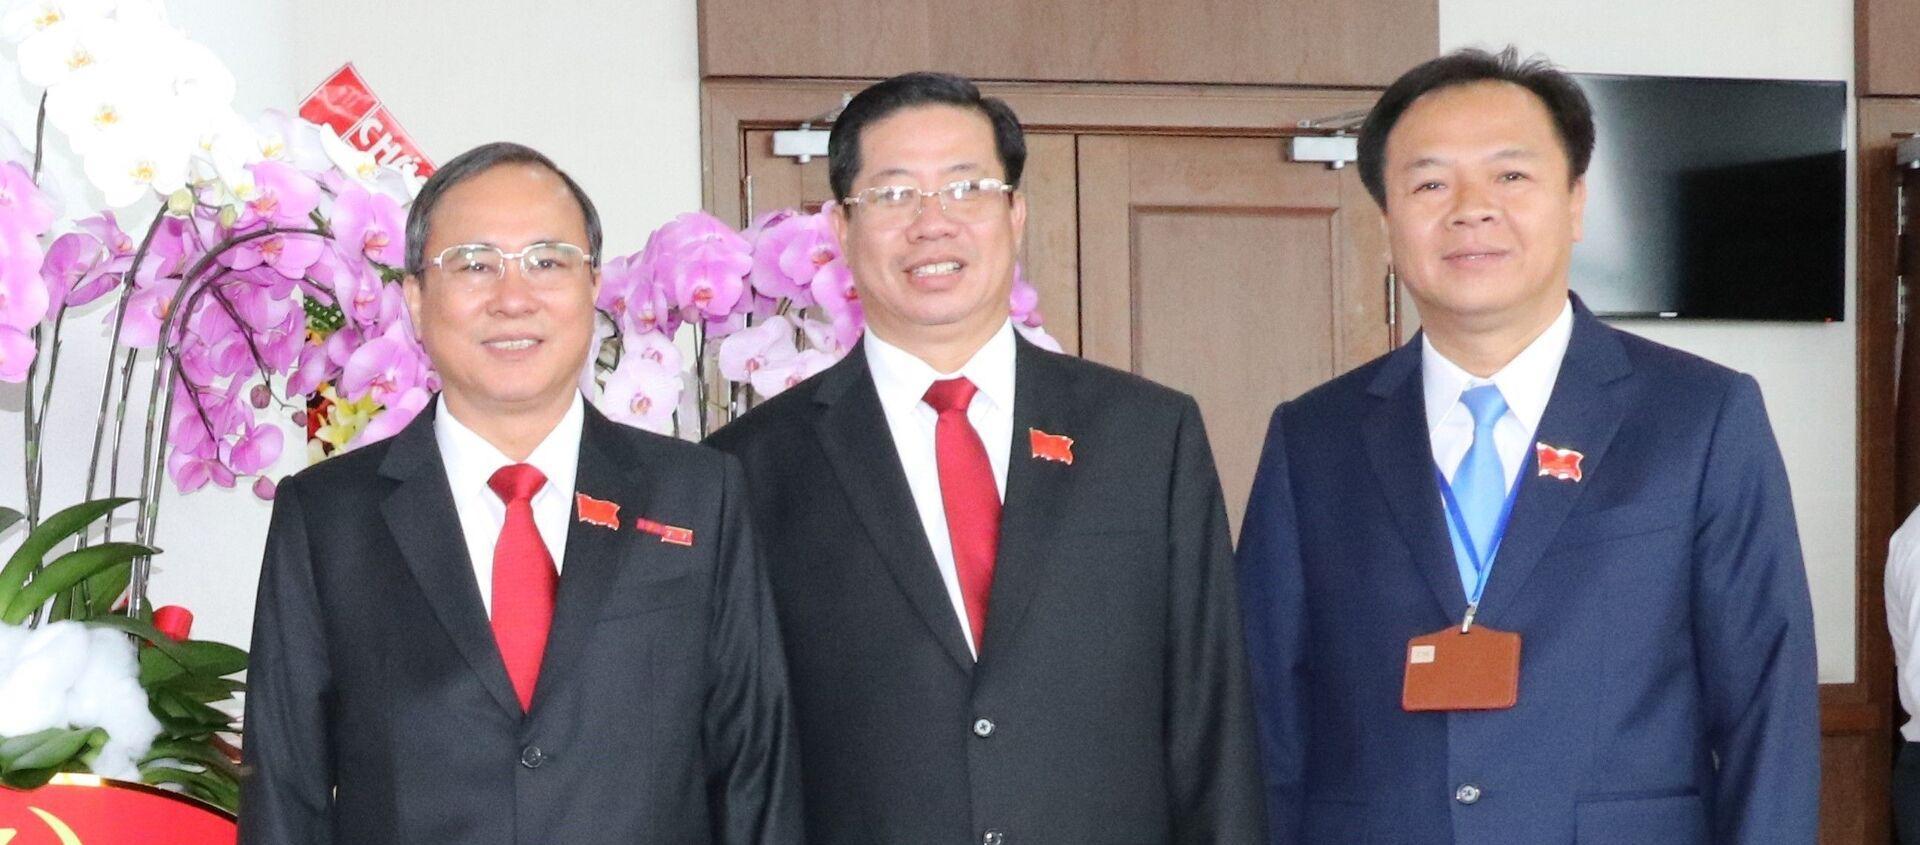 Ông Trần Văn Nam (ngoài cùng bên trái), Bí thư Tỉnh ủy Bình Dương, ông Trần Xuân Lâm (giữa), Chánh thanh tra tỉnh Bình Dương và ông Nguyễn Văn Đông, Bí thư Thành ủy Thủ Dầu - Sputnik Việt Nam, 1920, 13.07.2021